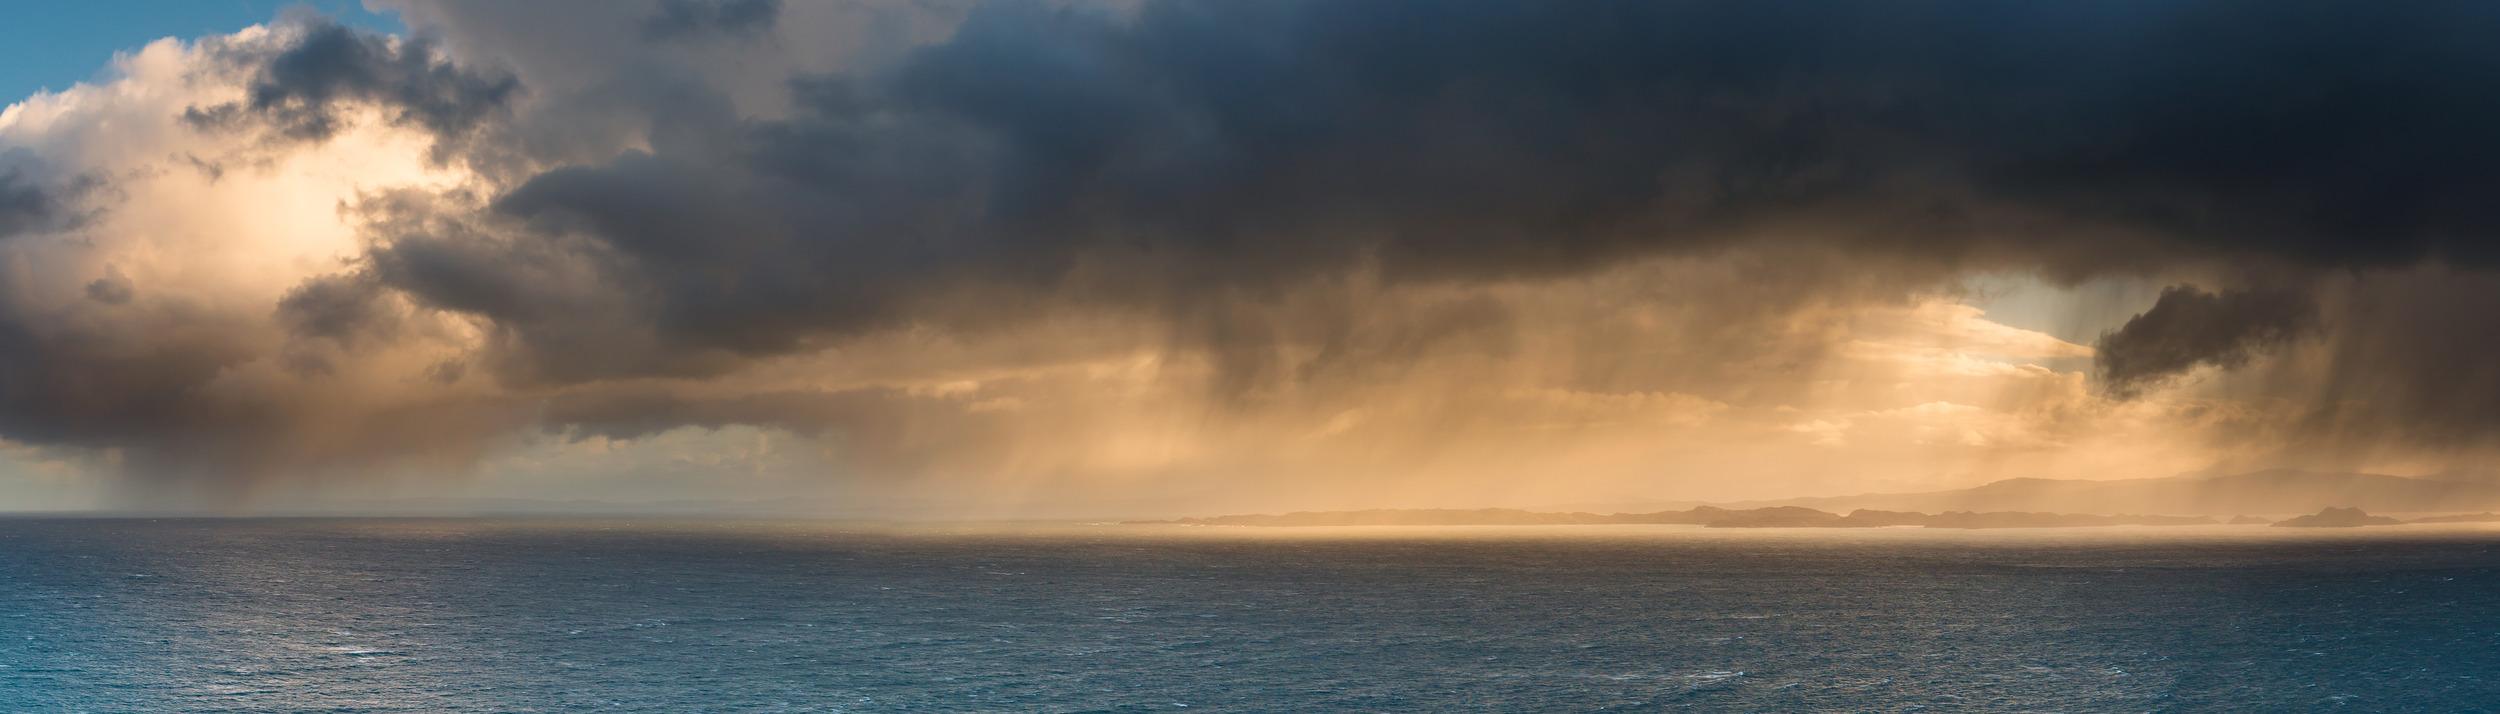 WEATHERFRONT – SKYE - Schöne Landschaft Bilder kaufen | Stimmungs Foto als Fineart by Stefan Somogyi Fotografie